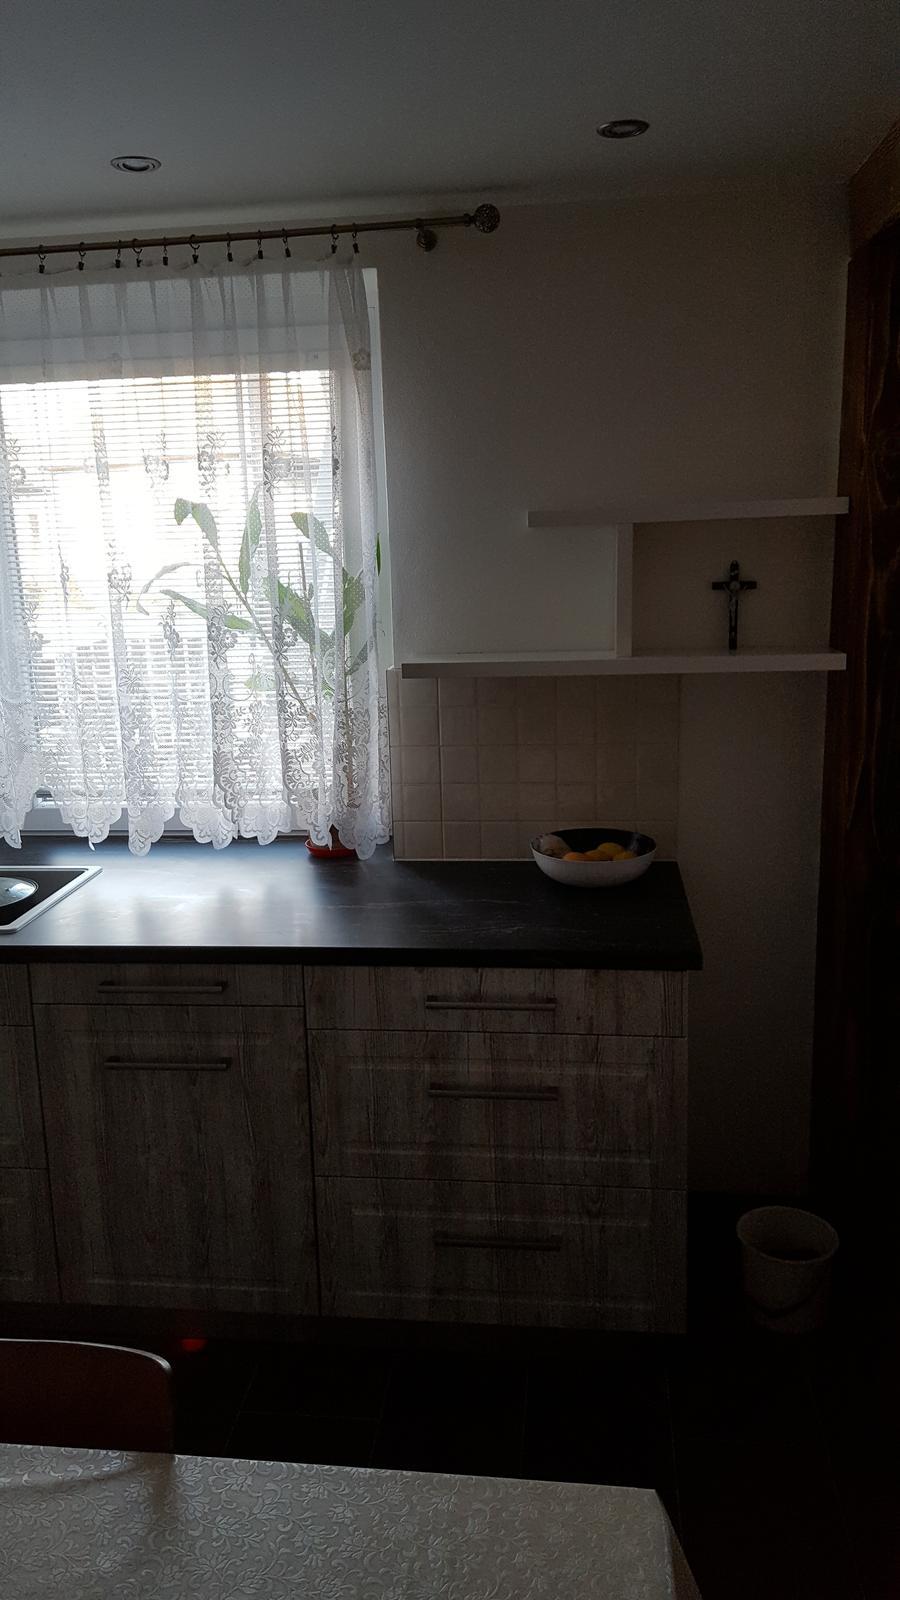 Vitajte u nas v kuchyni doma konecne je to nakomplet hotove podla gazdinkynych predstav - Obrázok č. 3